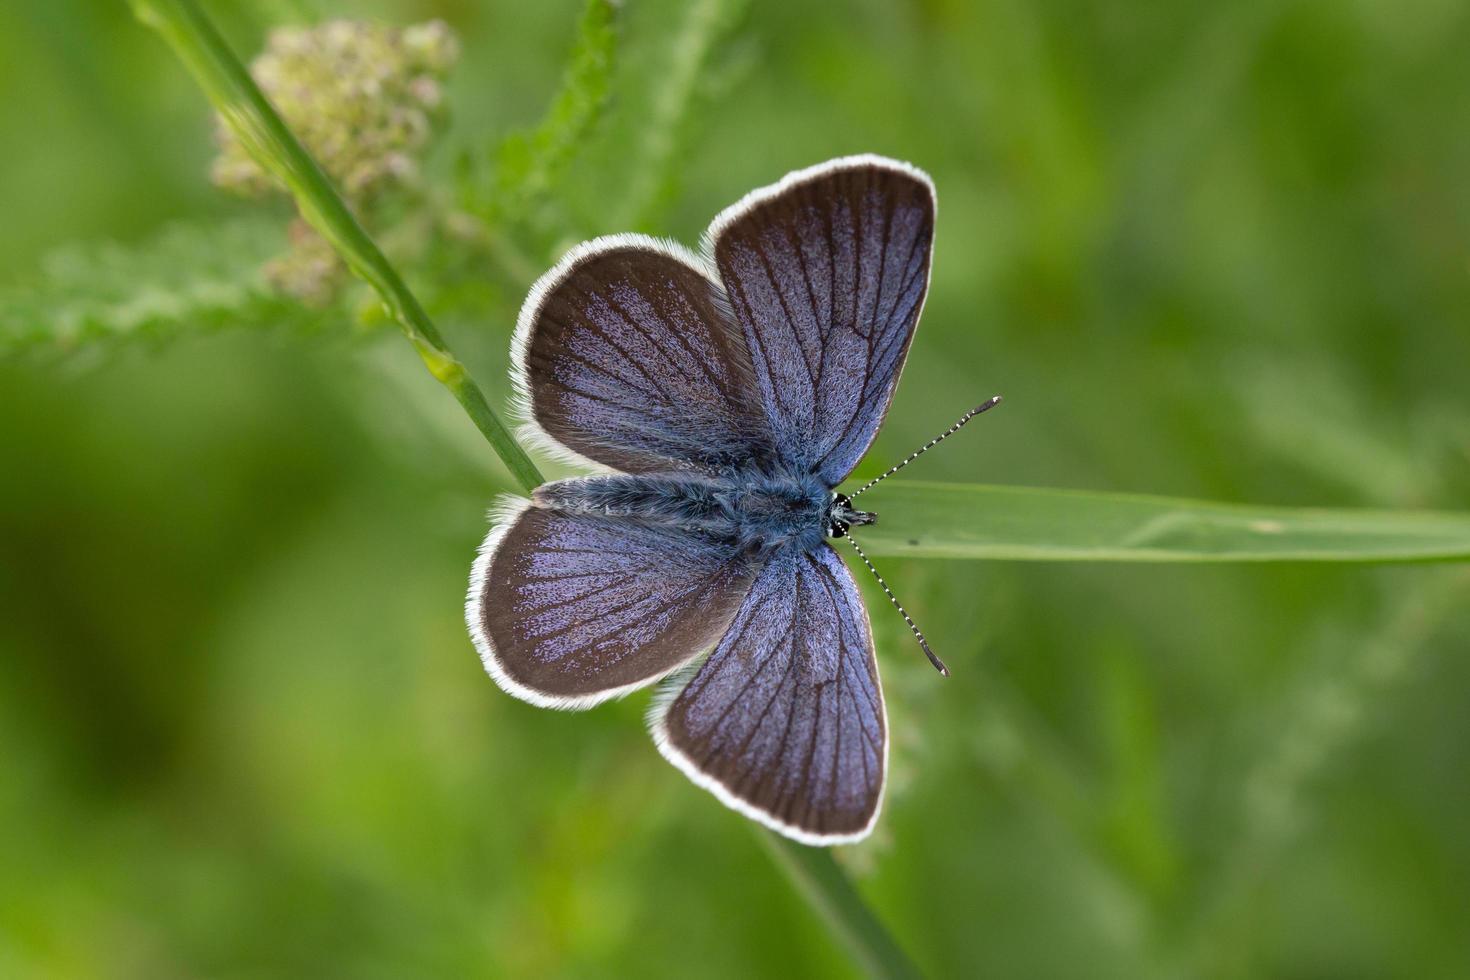 Blue butterfly on stem photo